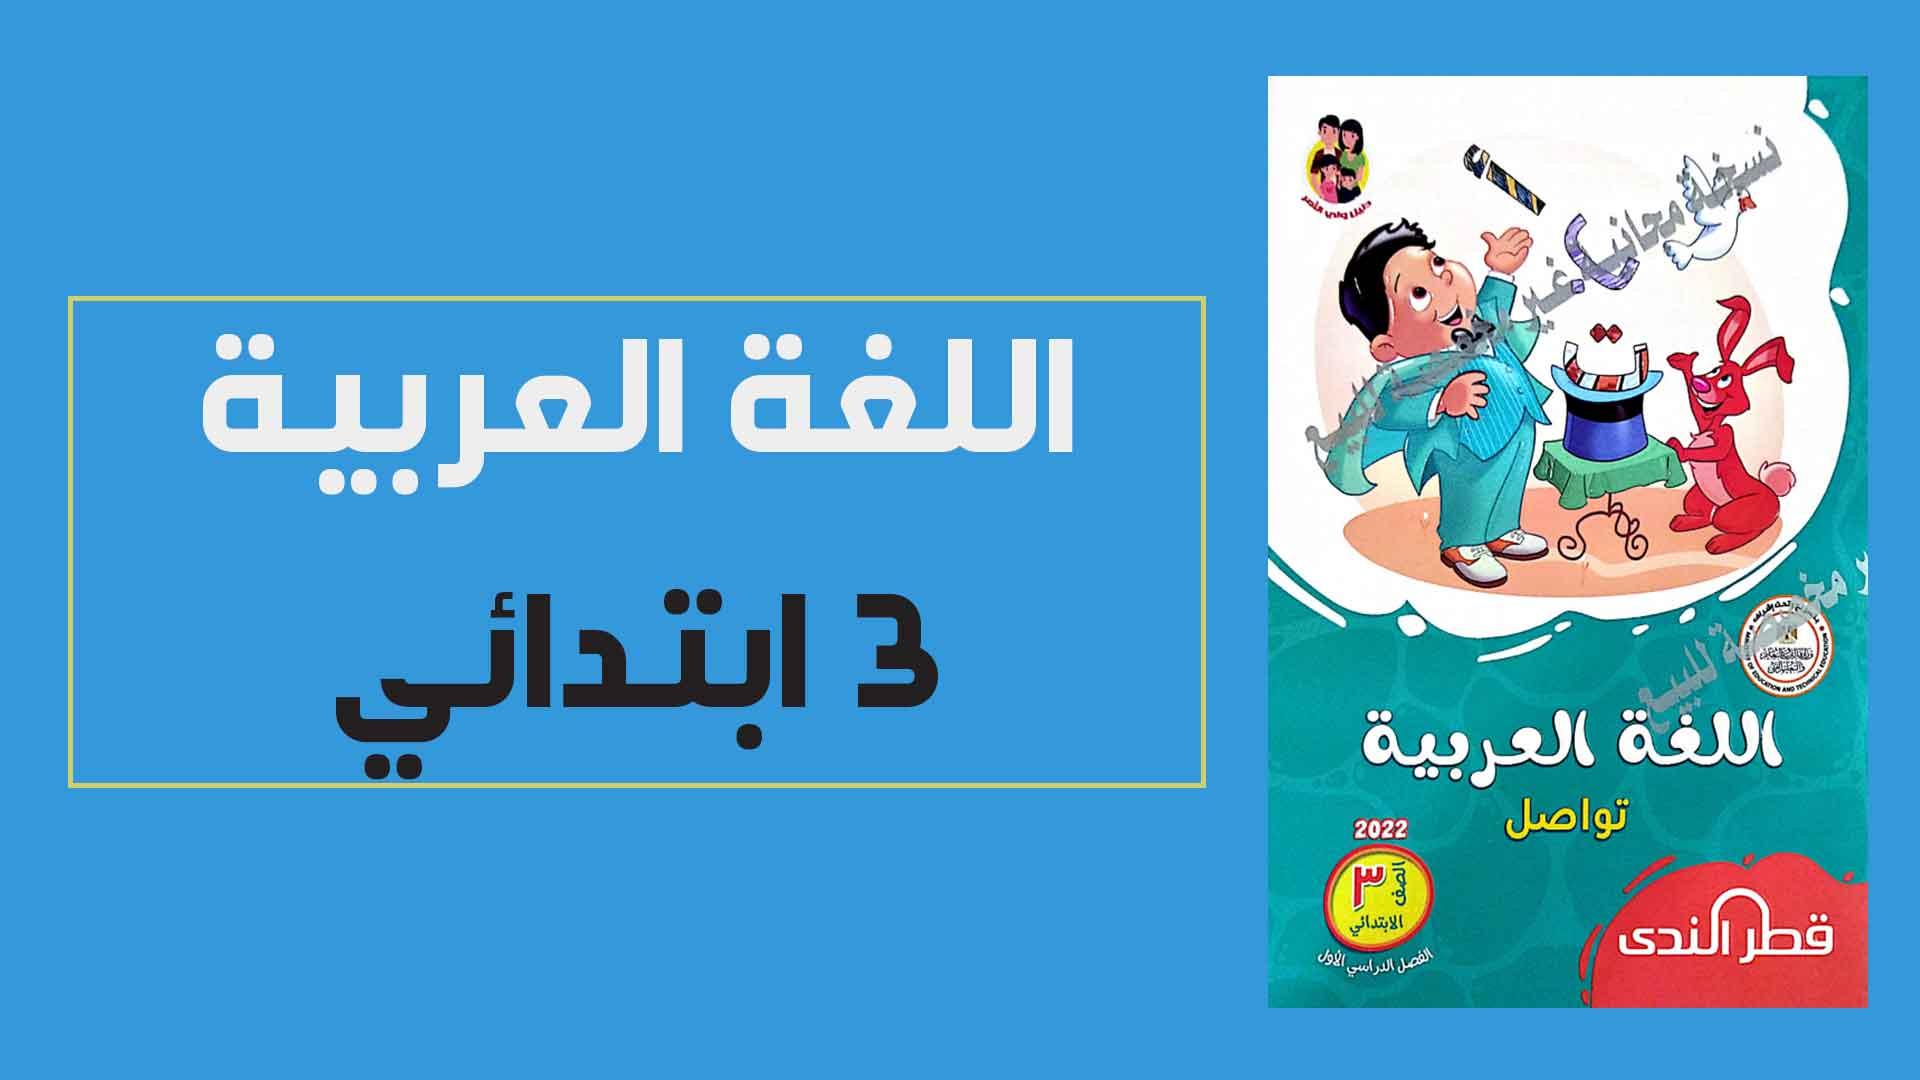 تحميل كتاب قطر الندى فى اللغة العربية للصف الثالث الابتدائي الترم الاول 2022 (النسخة الجديدة)